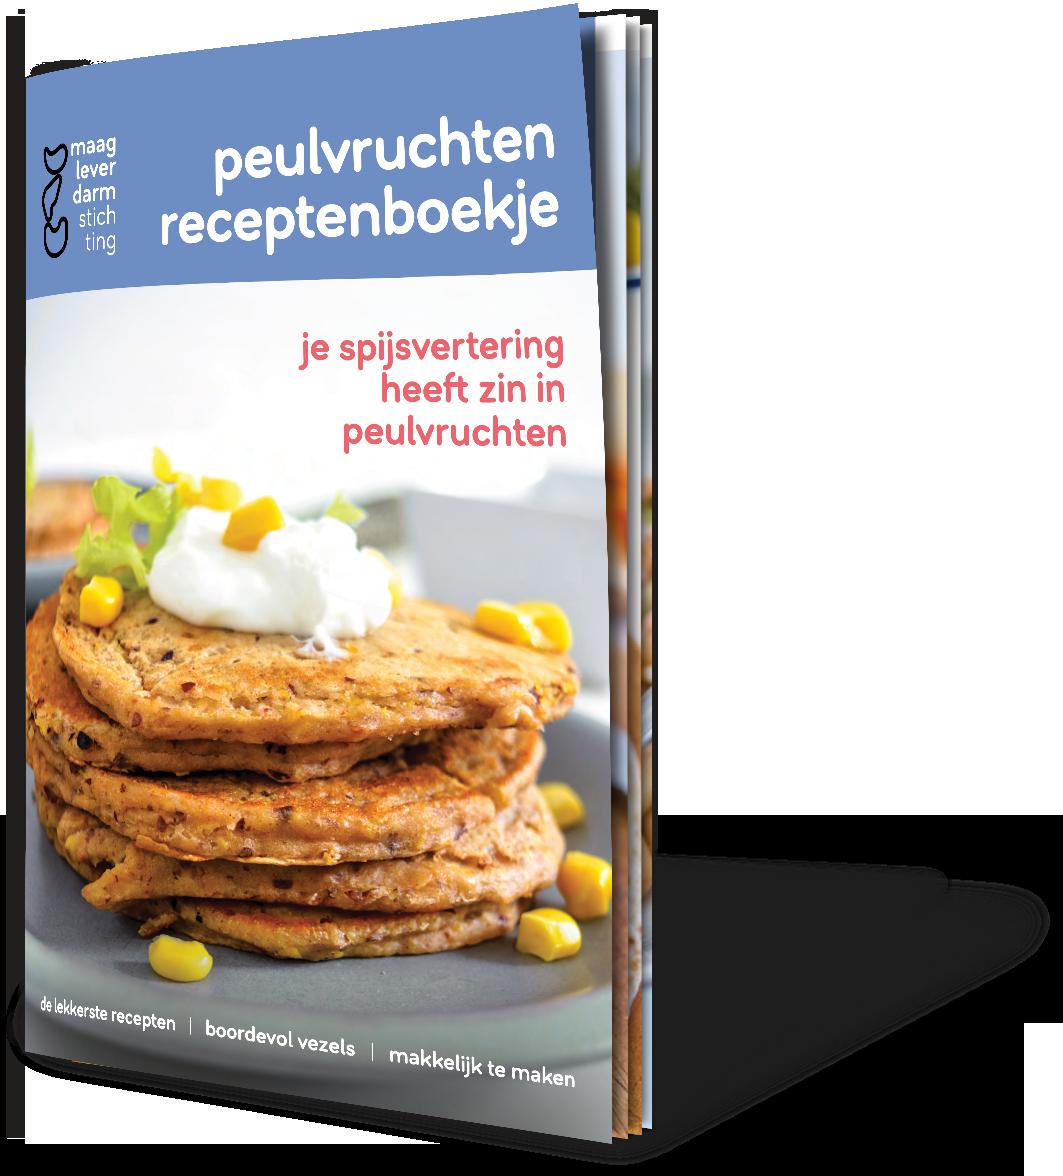 MLDS_Receptenboek_Peulvruchten_Mockup